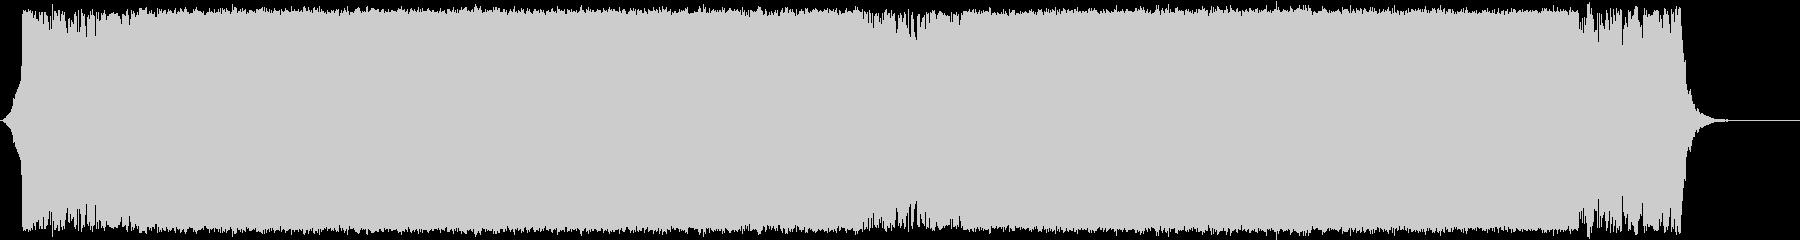 フルオーケストラの戦闘曲の未再生の波形